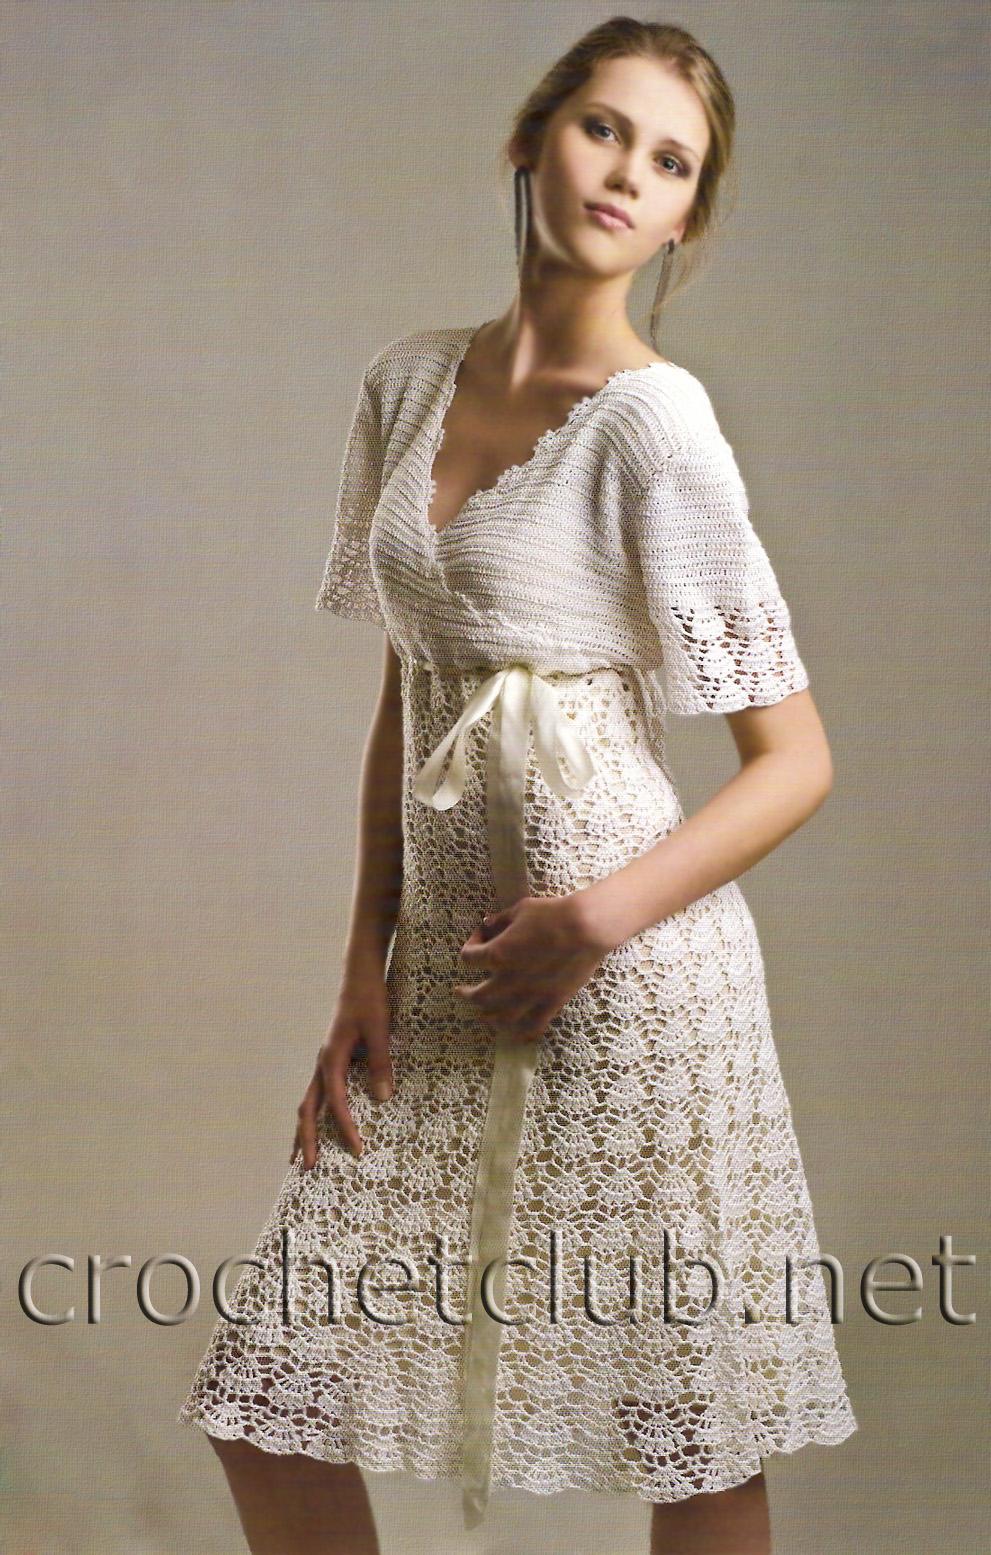 Рвадебное платье ампир.  Фото платья в стиле ампир.